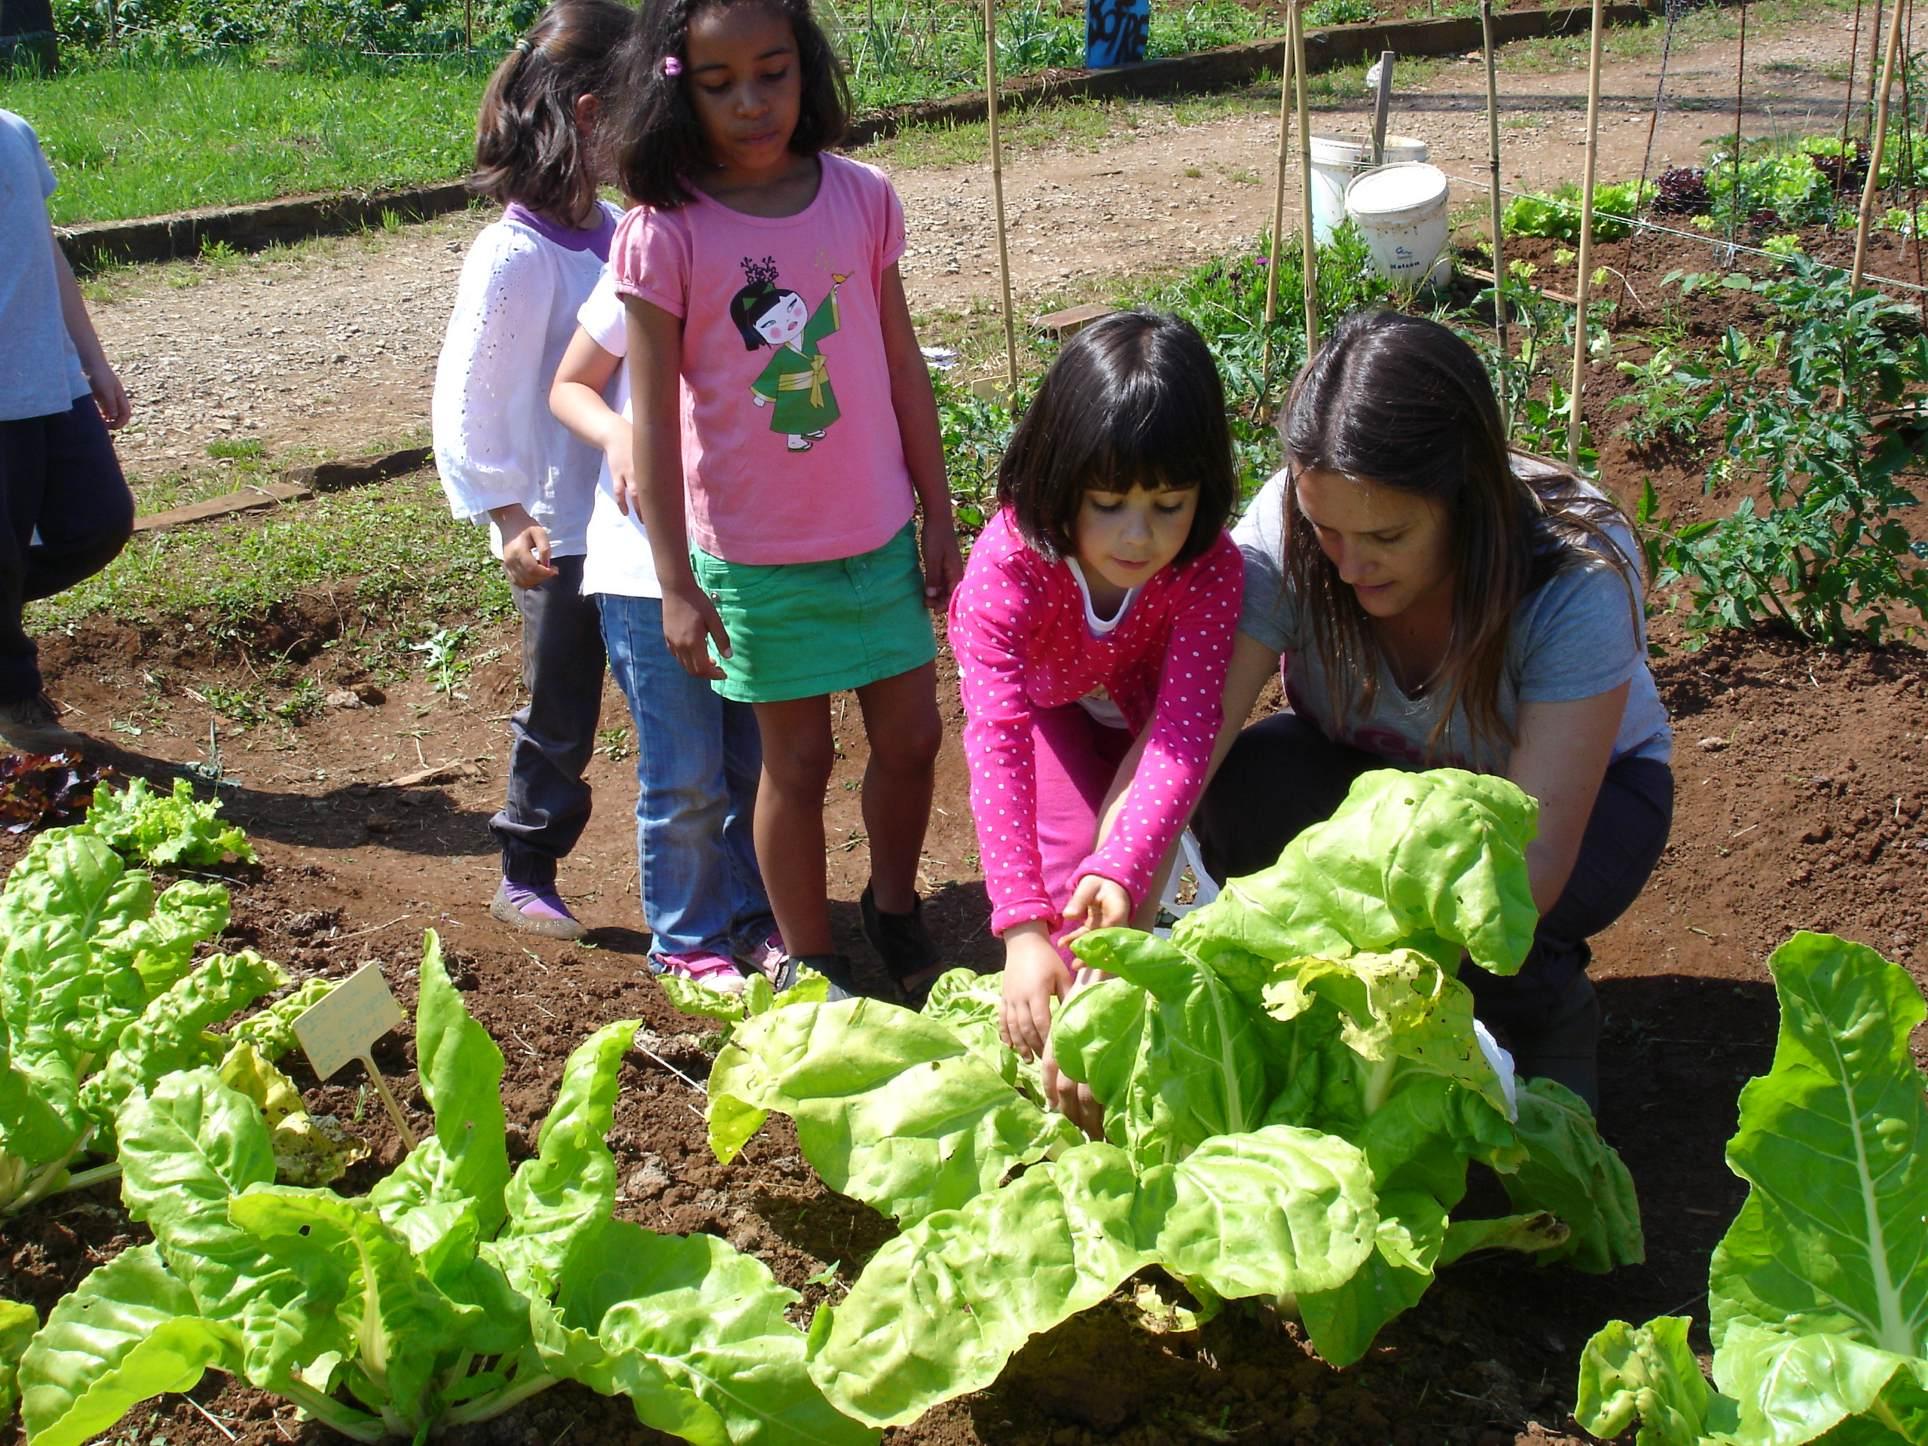 El huerto en el jard n infantil mucho m s que un huerto for Plantas beneficiosas para el huerto